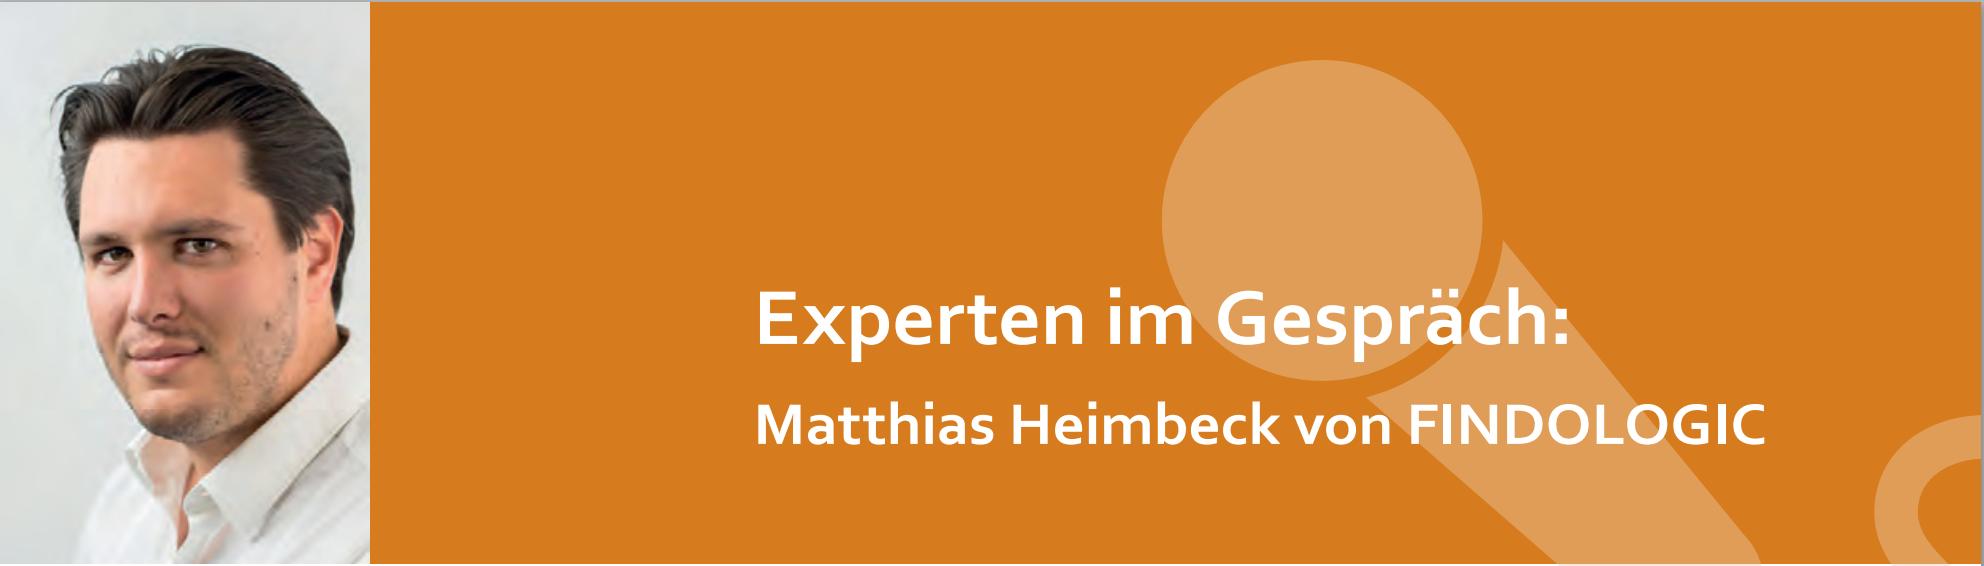 shopanbieter-Experteninterview